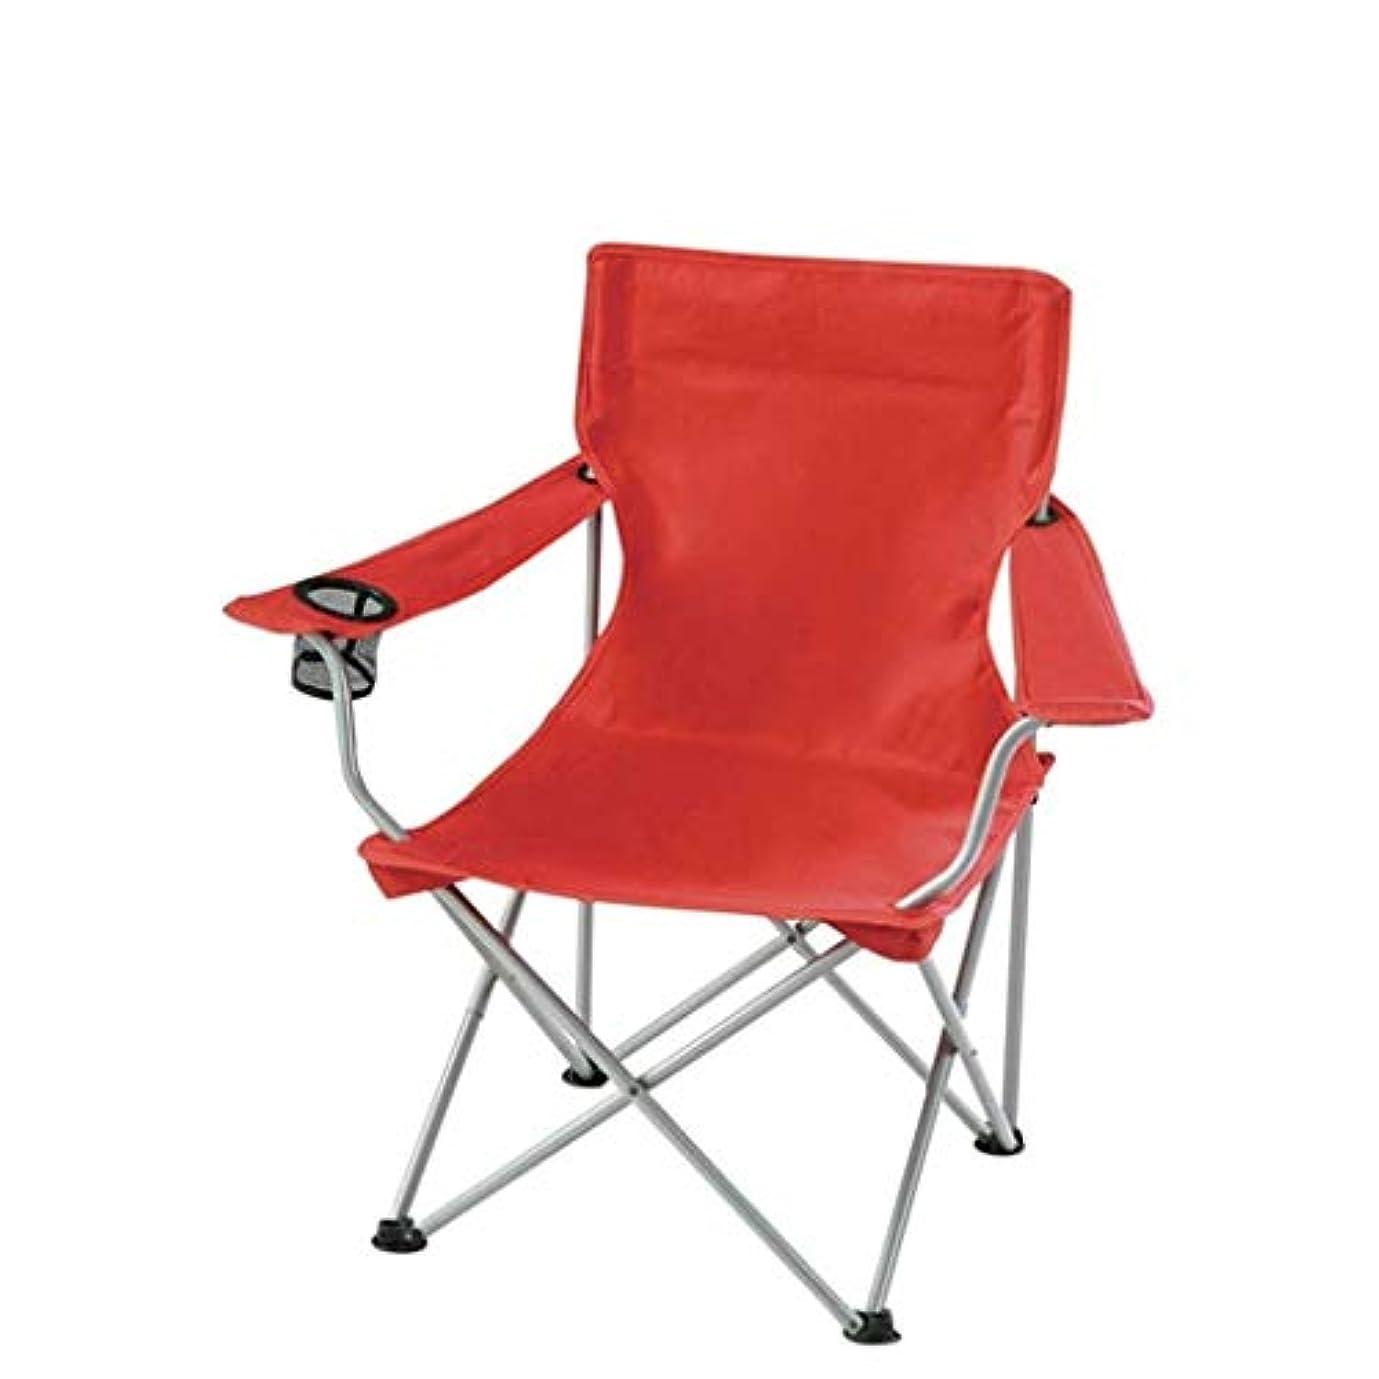 考案するアーサーコナンドイル除外するポータブルキャンプチェア - 小さな折りたたみ式キャリング、アウトドア、釣り、キャンプ、ピクニック、パーティー、ハイキングなどに適しています。